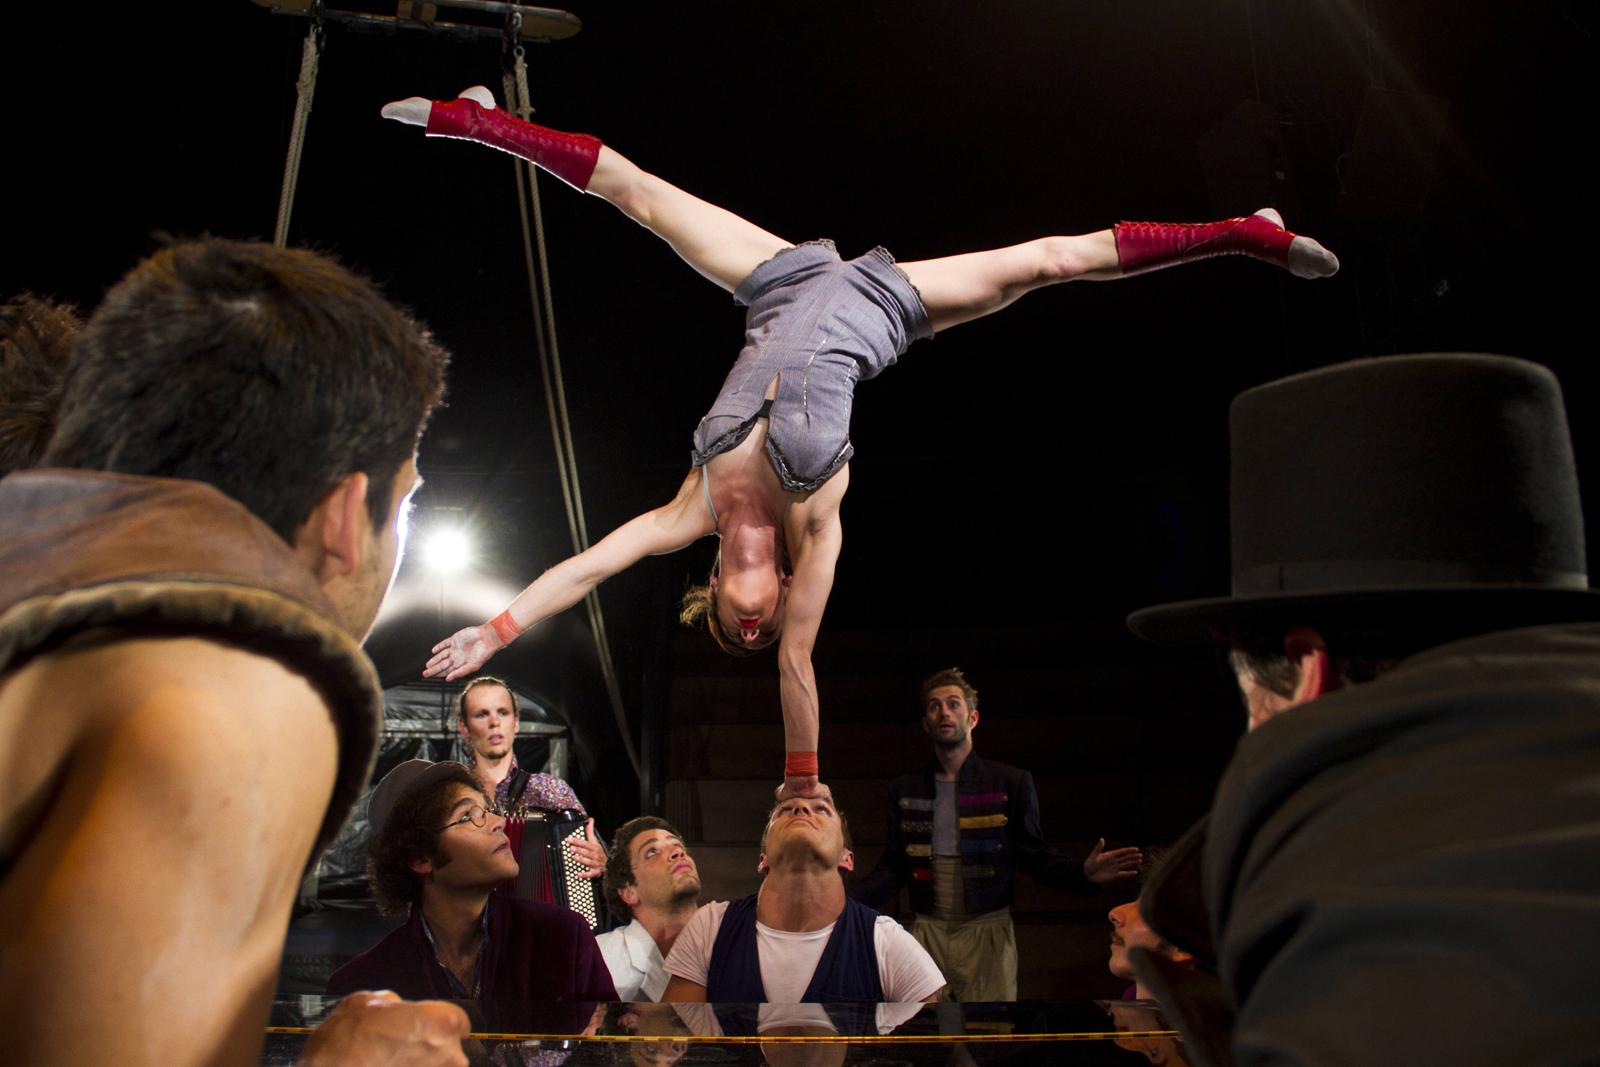 klaxon-spectacle-de-cirque-compagnie-akoreacro-chapiteau-la-villette-paris-photo-niels-benoist